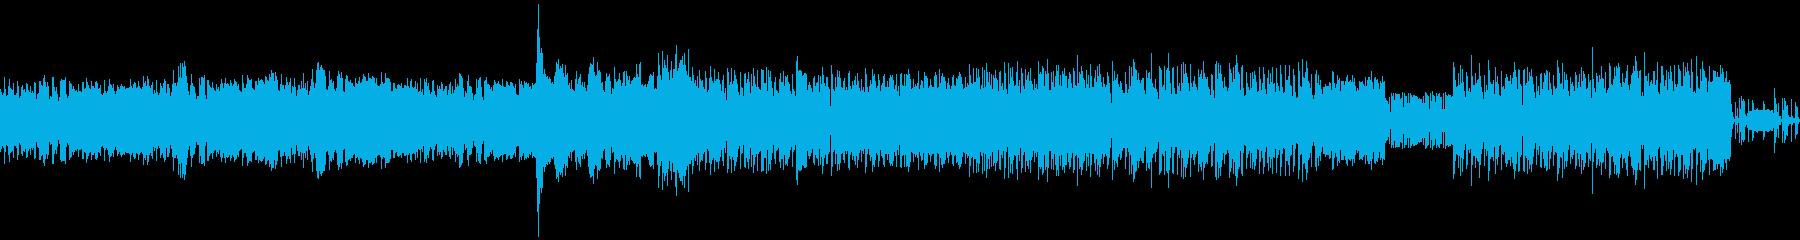 ヘヴィ、グイグイ、パワフルなメタル交響曲の再生済みの波形